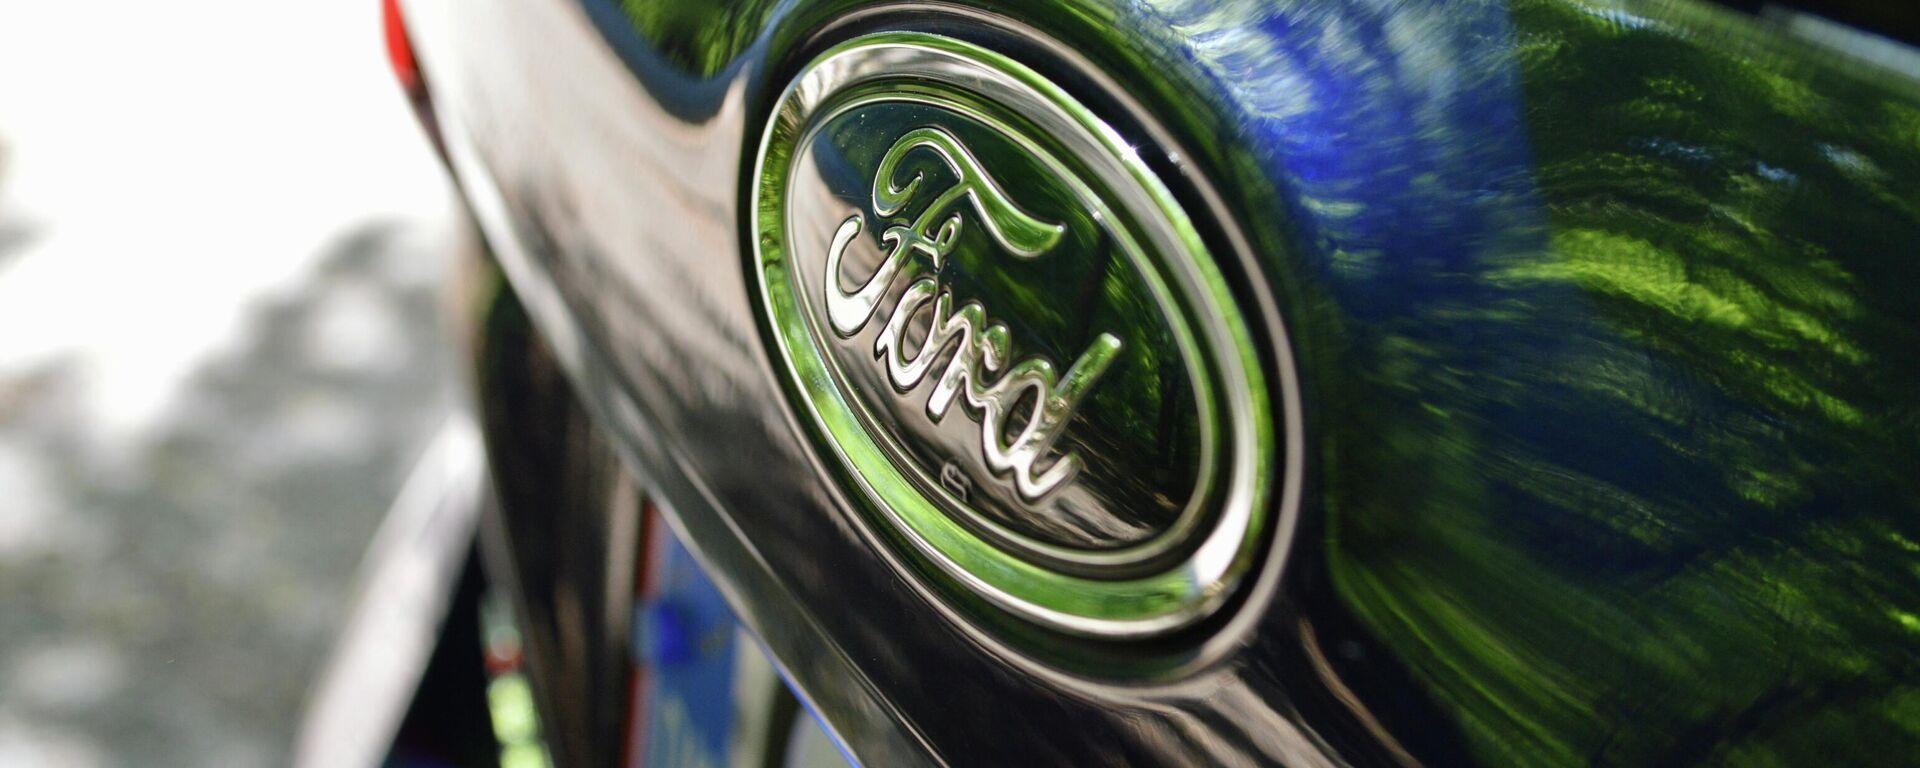 El logotipo de Ford en un vehículo de la marca - Sputnik Mundo, 1920, 28.05.2021